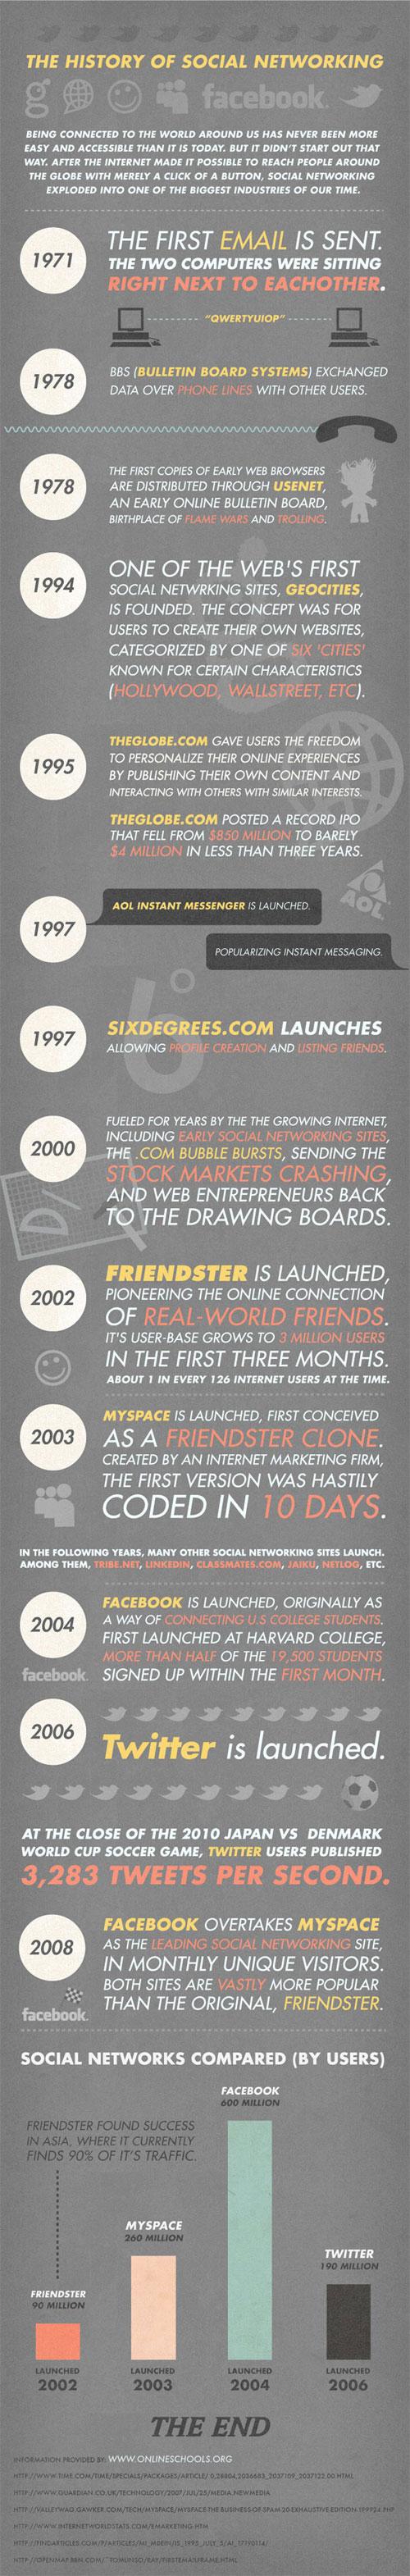 Infographie de l'histoire des réseaux sociaux